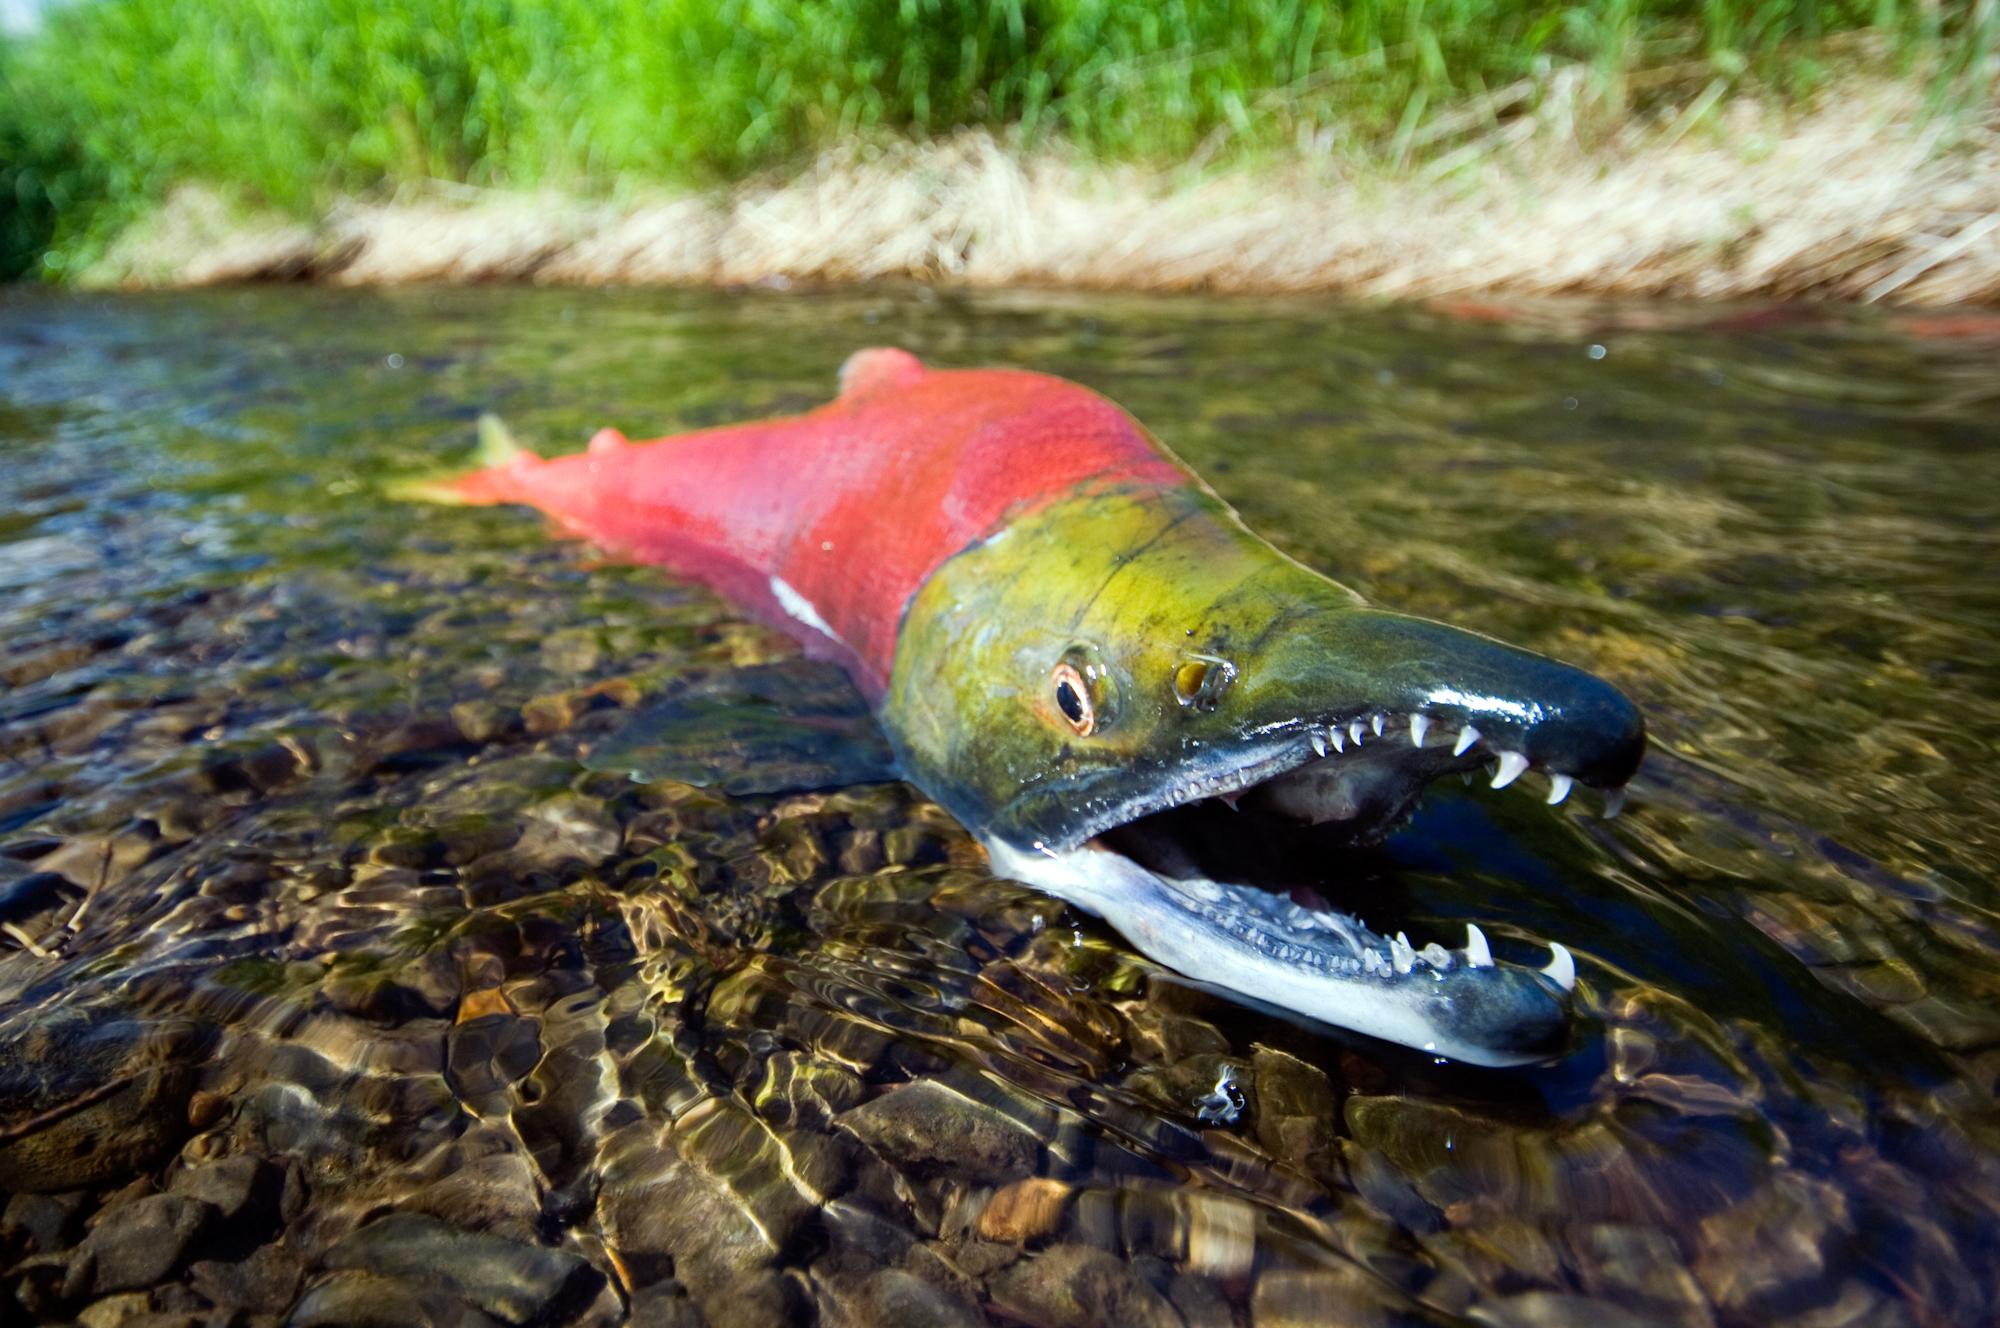 Salmon fish river r wallpaper 2000x1328 196055 WallpaperUP 2000x1328